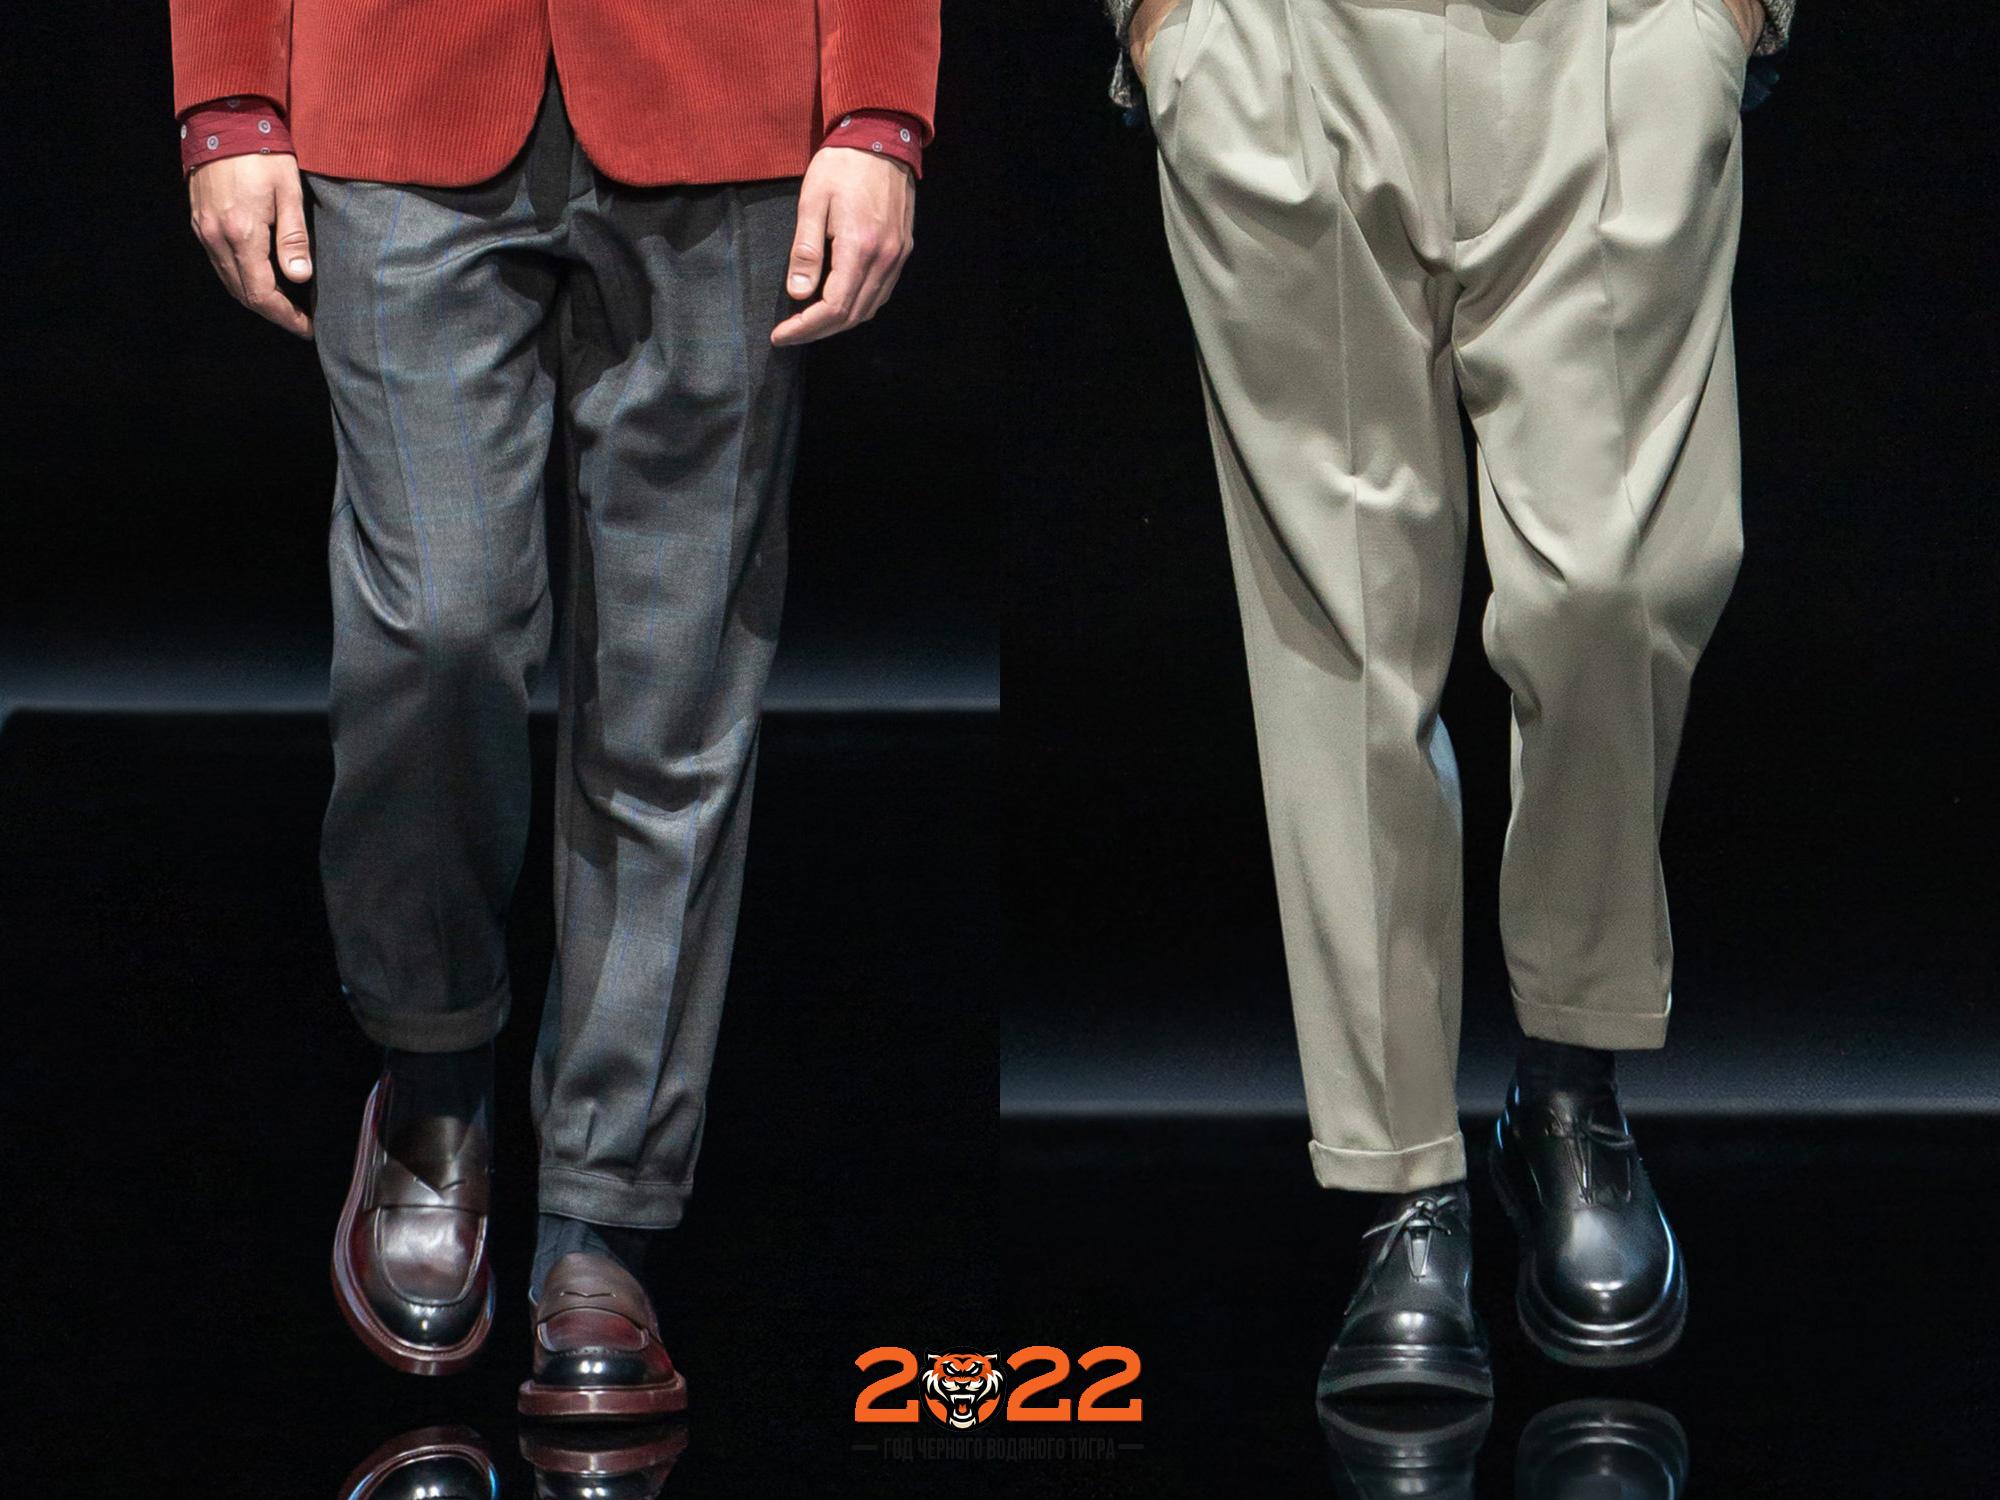 Модная мужская обувь осень-зима 2021-2022 года - туфли с массивной подошвой